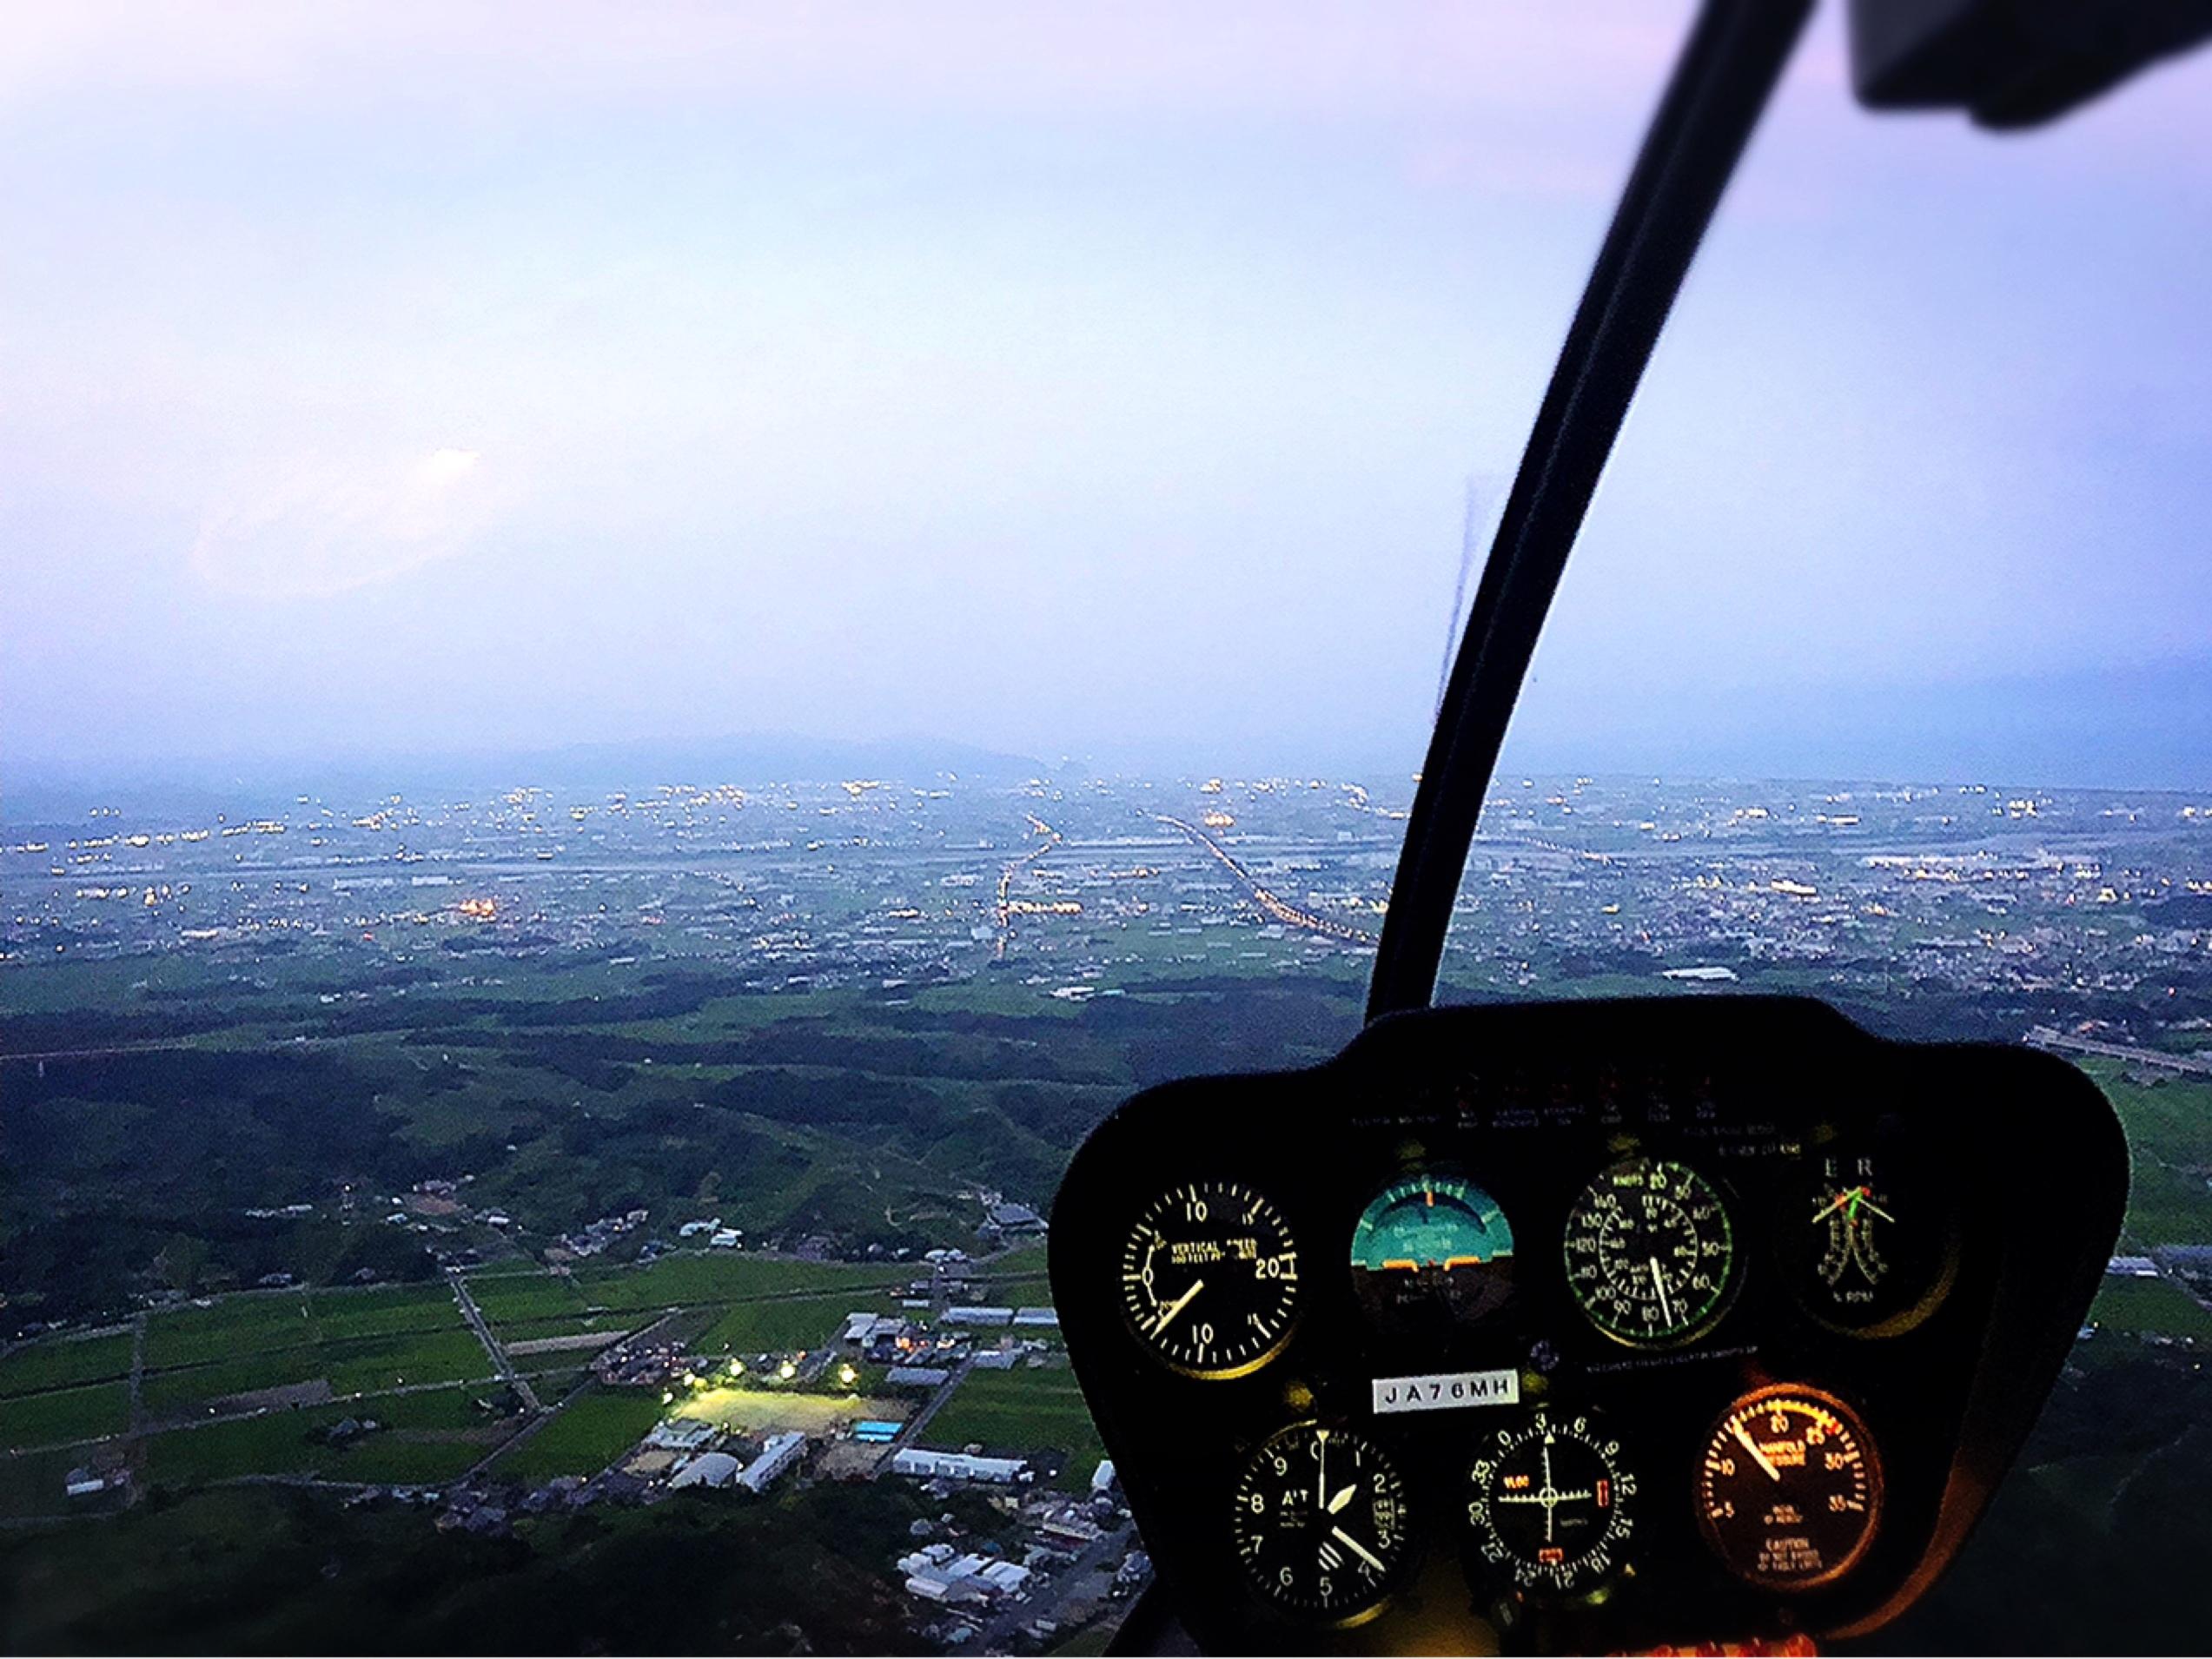 【静岡】NEW! 8月よりスタート◡̈✧。ヘリコプターでの遊覧飛行!上空散歩でTHEインスタ映え!_5